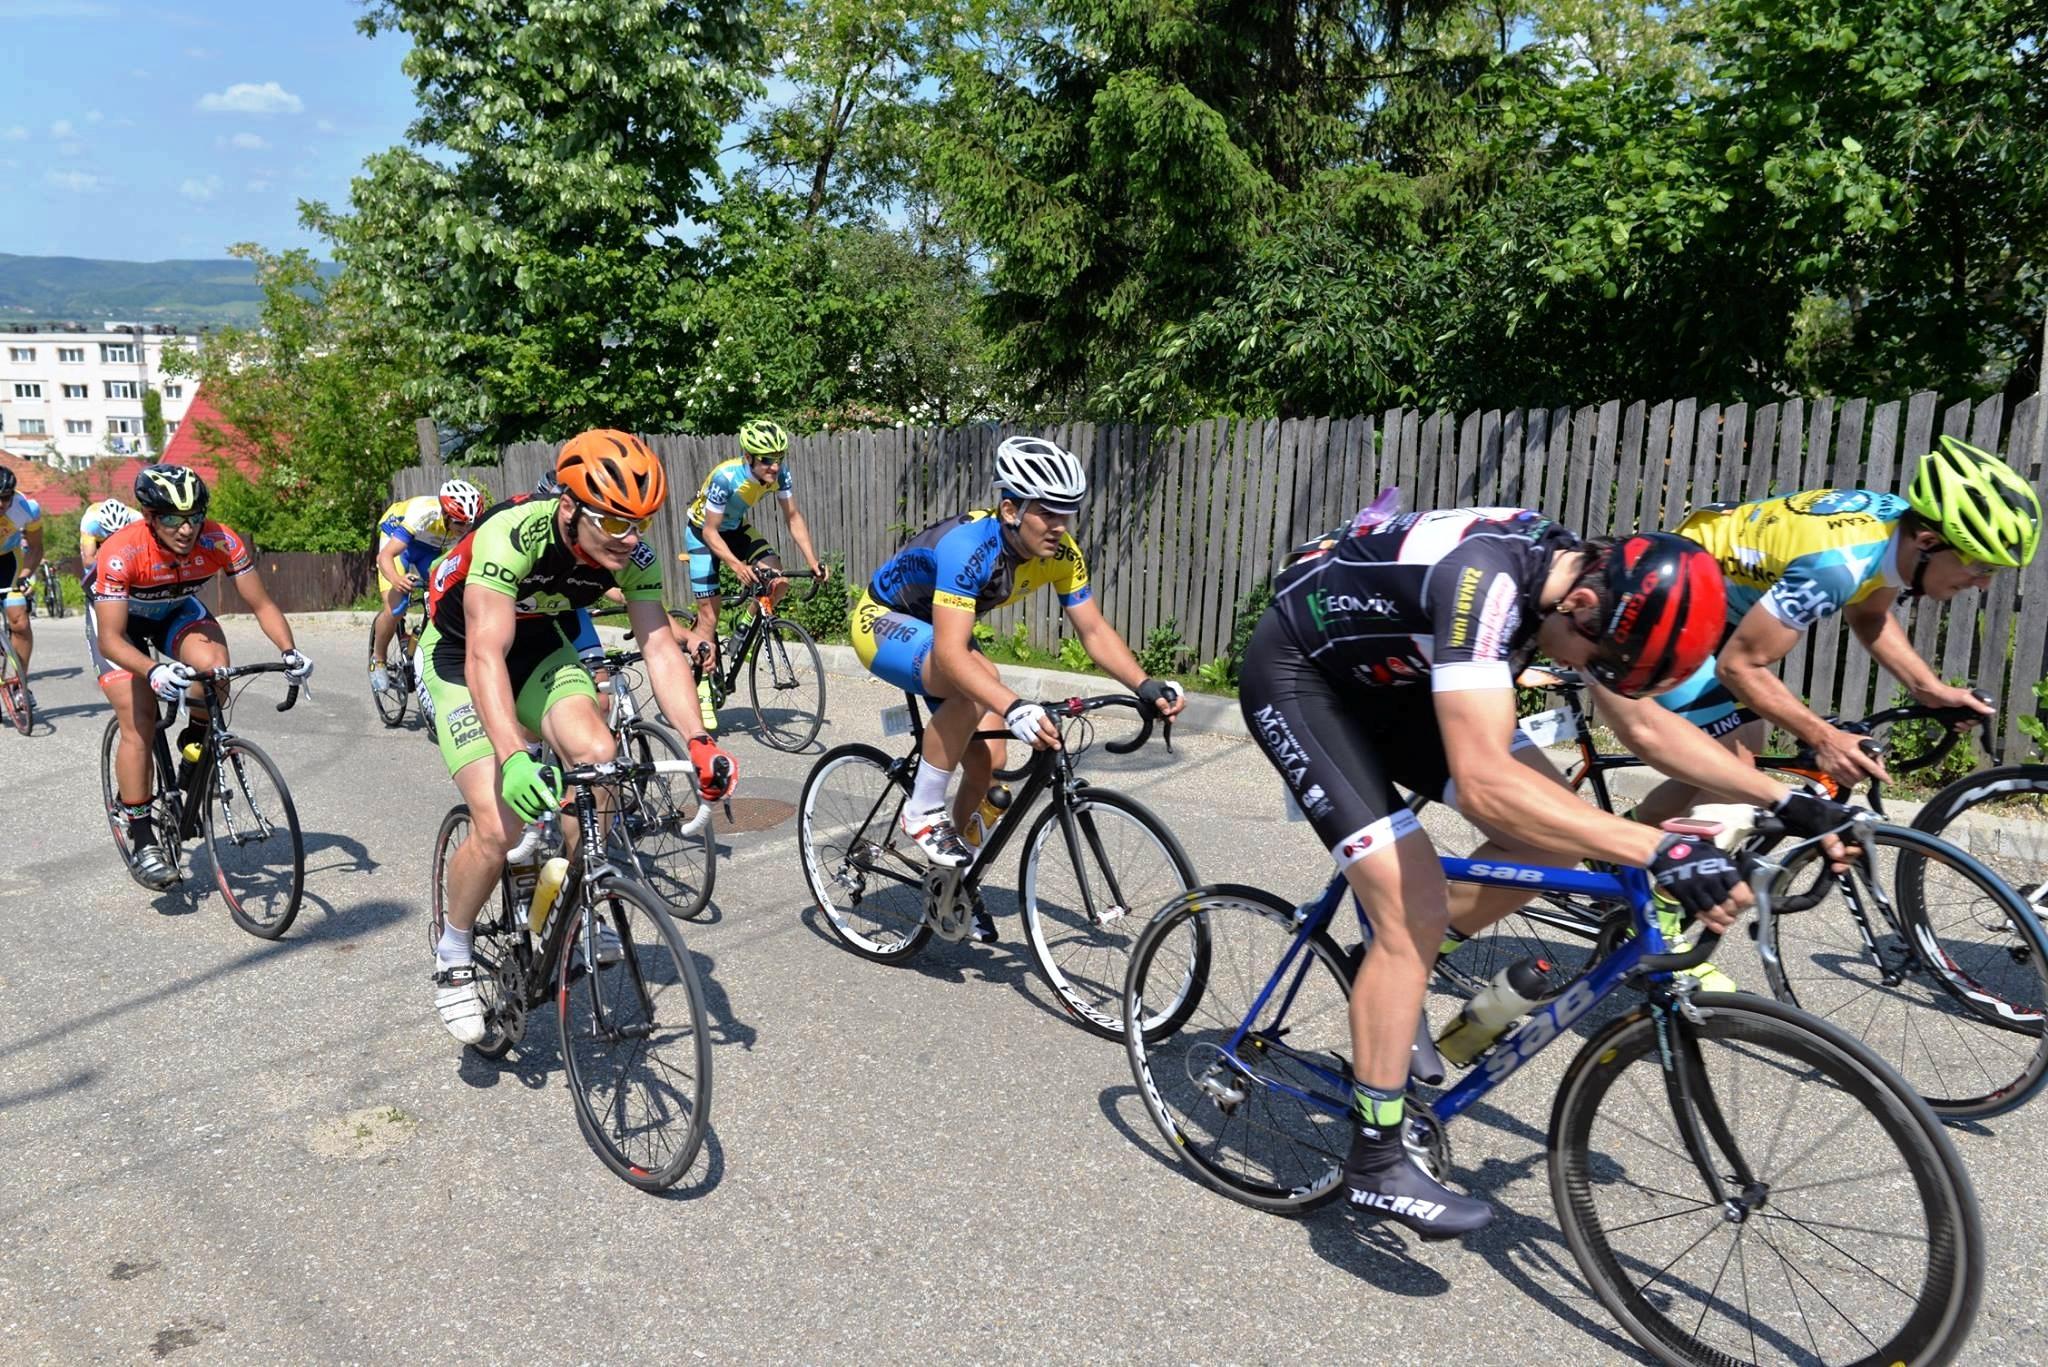 Road Grand Tour, Turnirul Nobililor, Mioveni, Race Report: Furcile caudine ale lui(a) Ciocan!